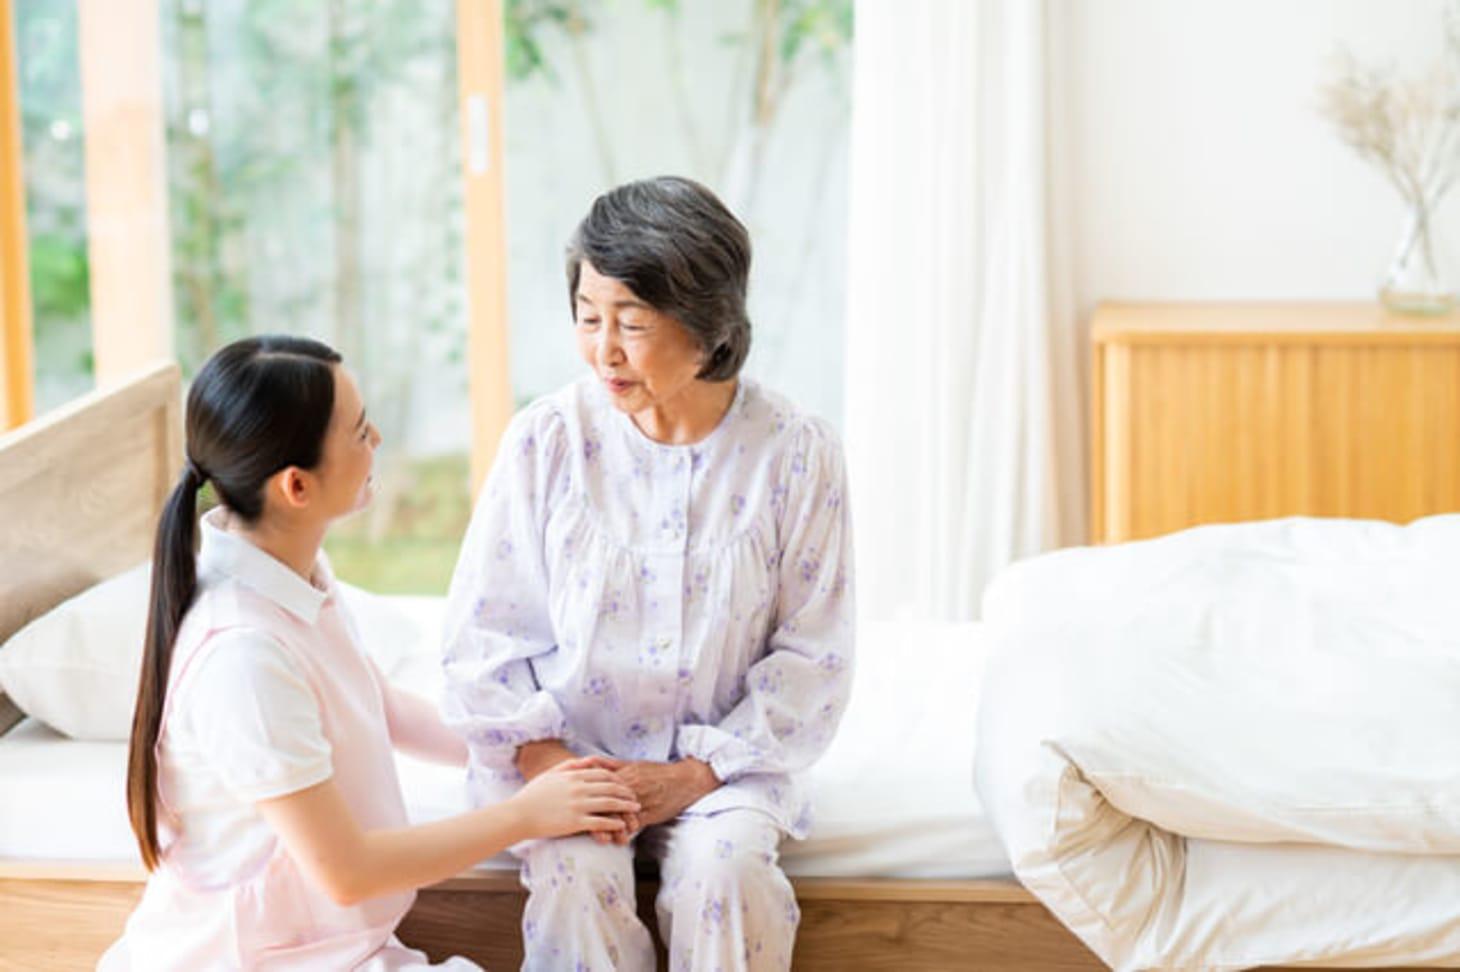 小規模多機能型居宅介護の仕事内容とは?